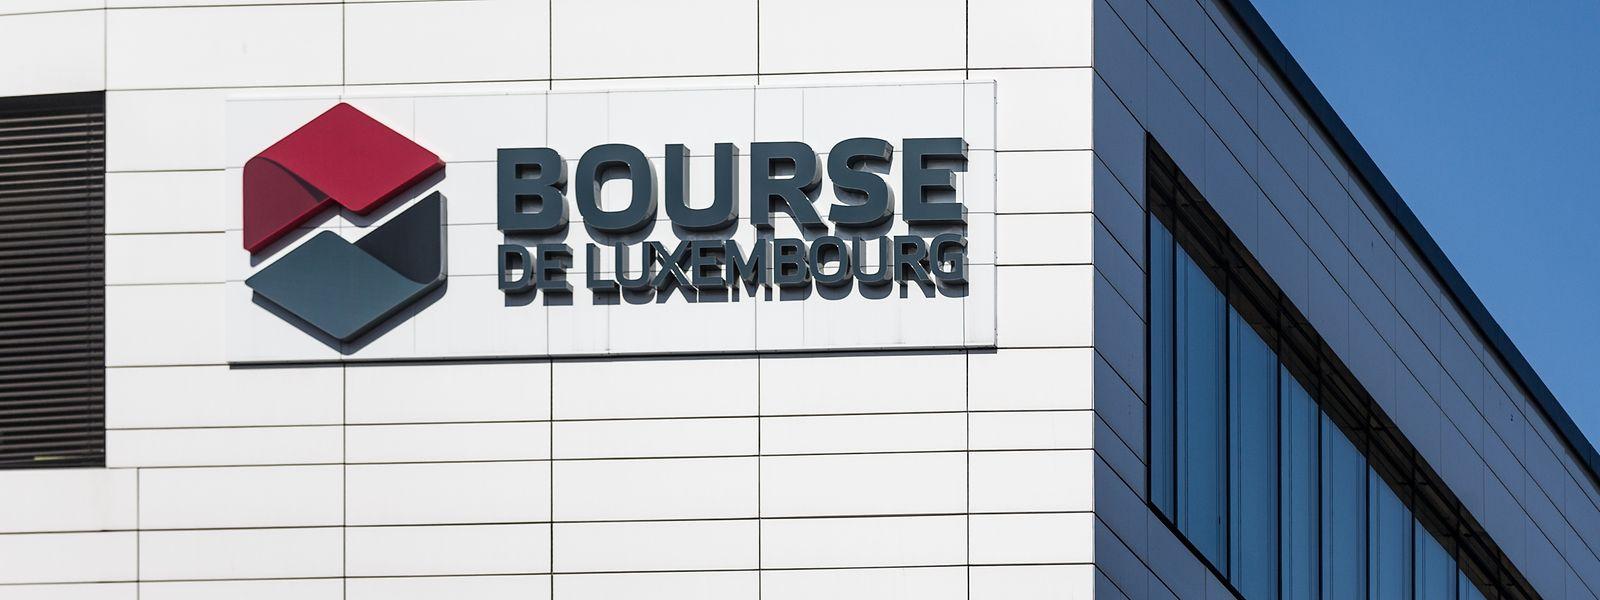 """Die """"Bourse de Luxembourg"""" ist nicht nur eine der ältesten Finanzinstitutionen des Landes."""